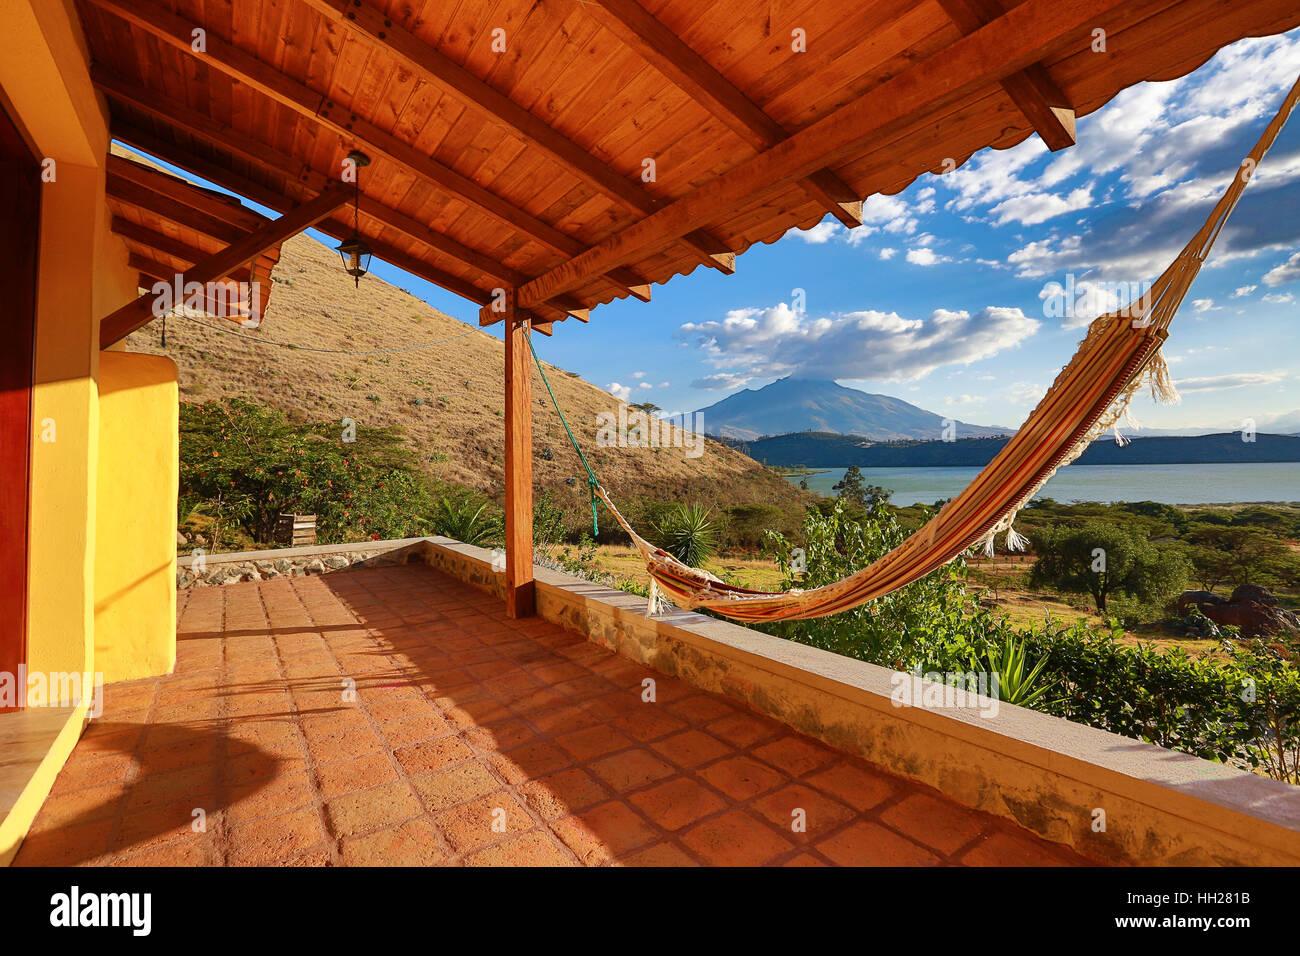 Hamaca en un patio con volcán en el fondo del lago Yahuarcocha cerca de Ibarra, Ecuador Imagen De Stock